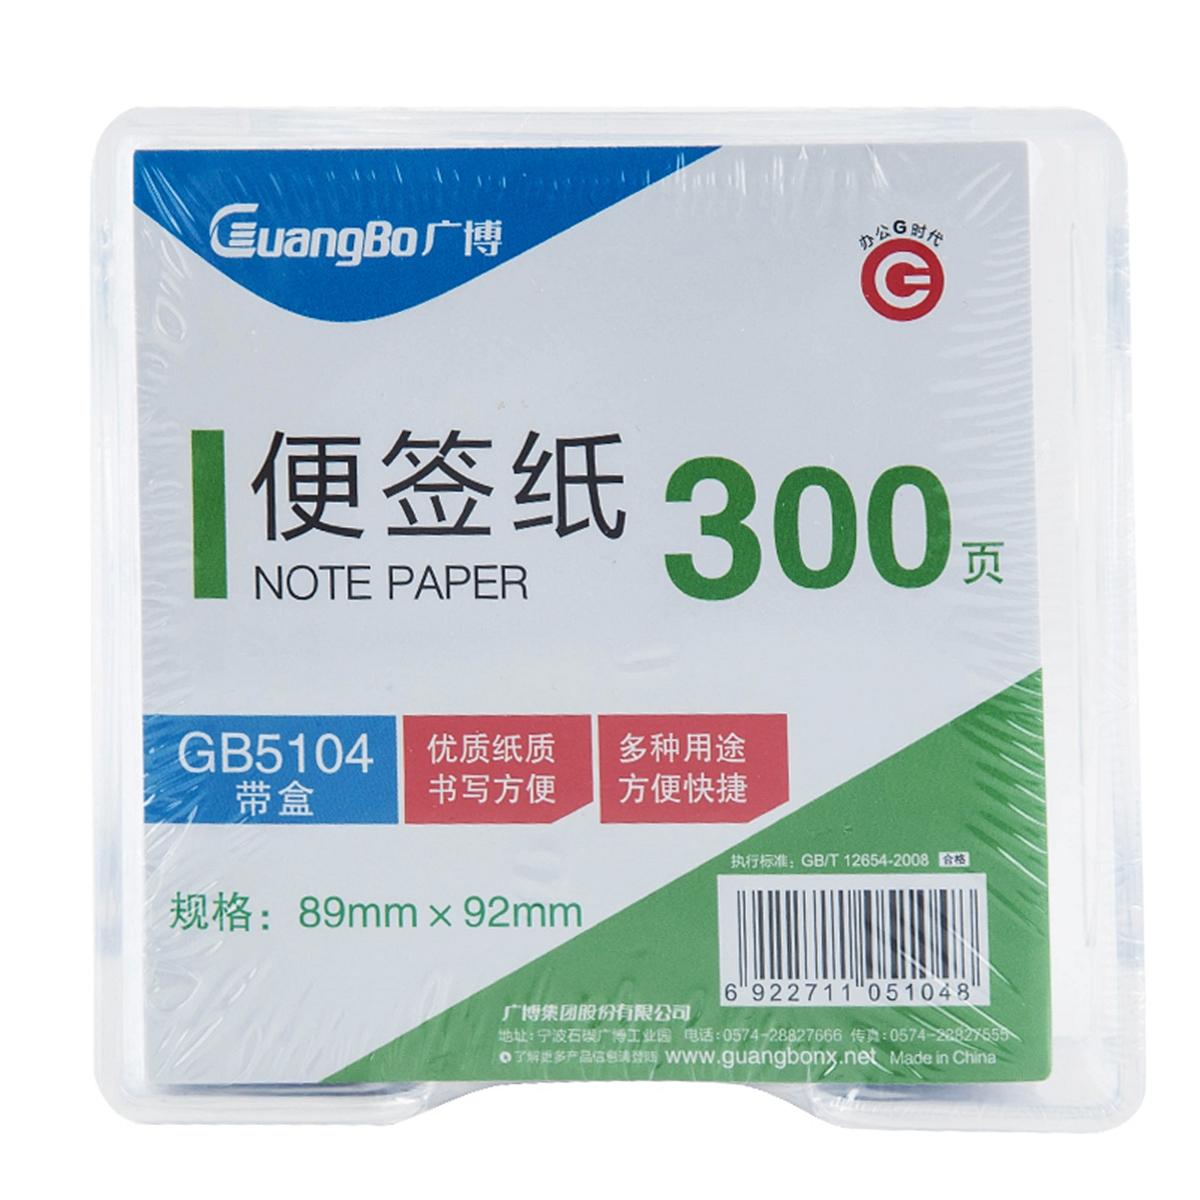 广博 GB5104 带盒便签纸 300页 (单位:盒) 白色